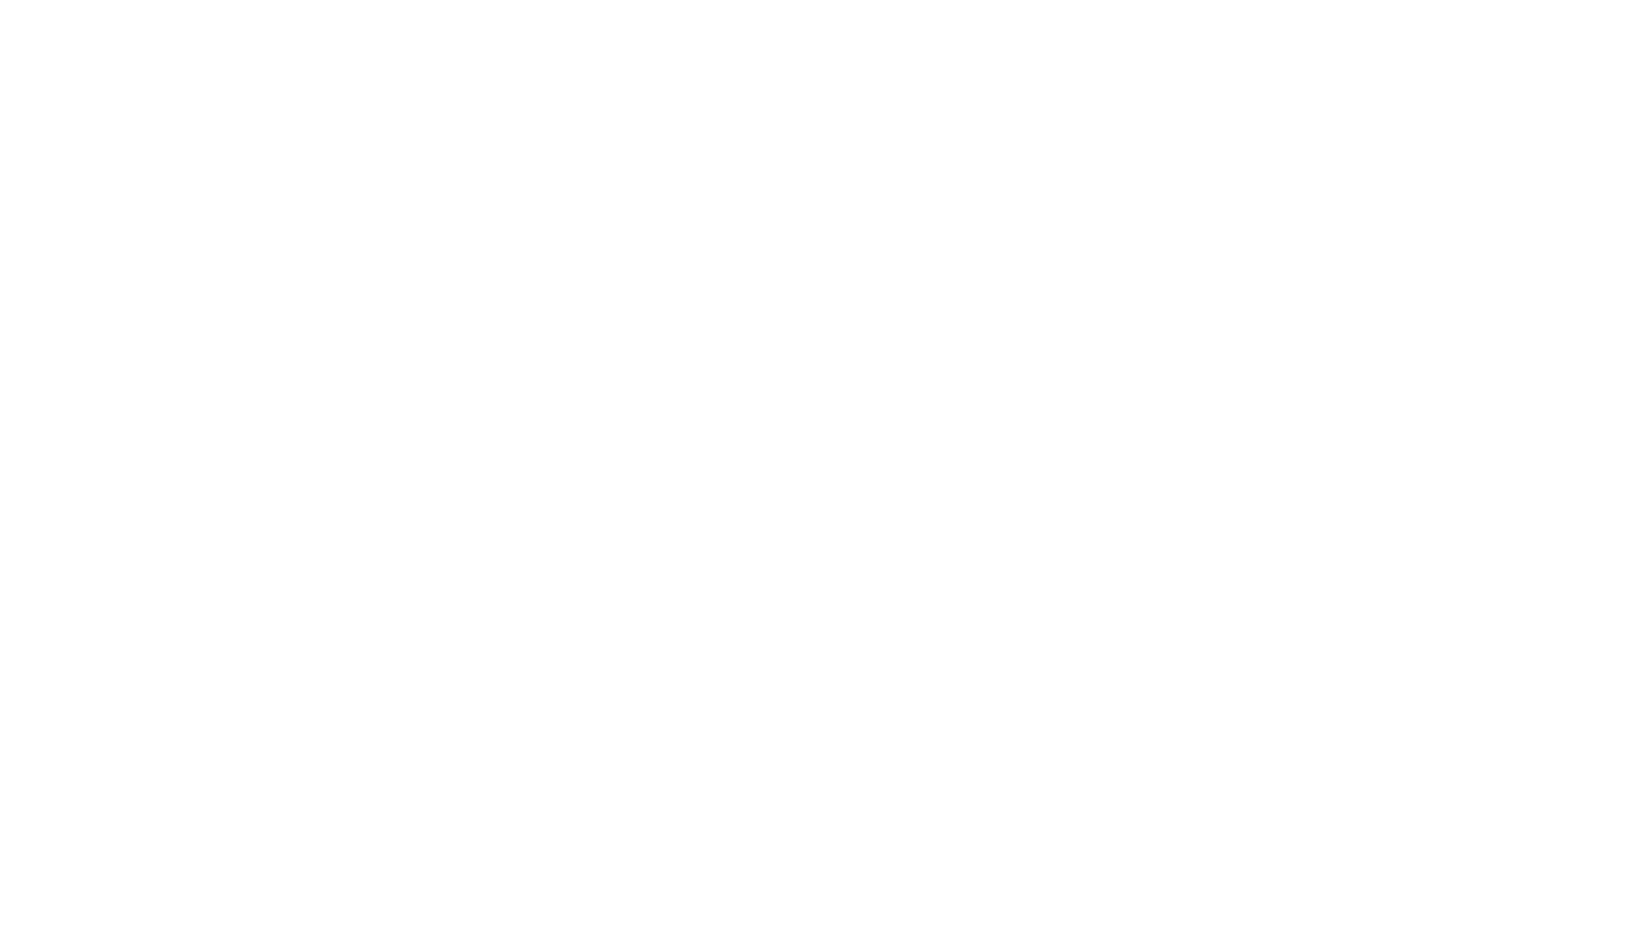 Somos JAH Insurance Brokers Corp. Compañía norteamericana especializada en la oferta de seguros para el sector logístico, para el que hemos constituido 15 oficinas alrededor del mundo, a fin de que podamos atender las necesidades específicas de nuestros clientes de forma oportuna y personalizada.